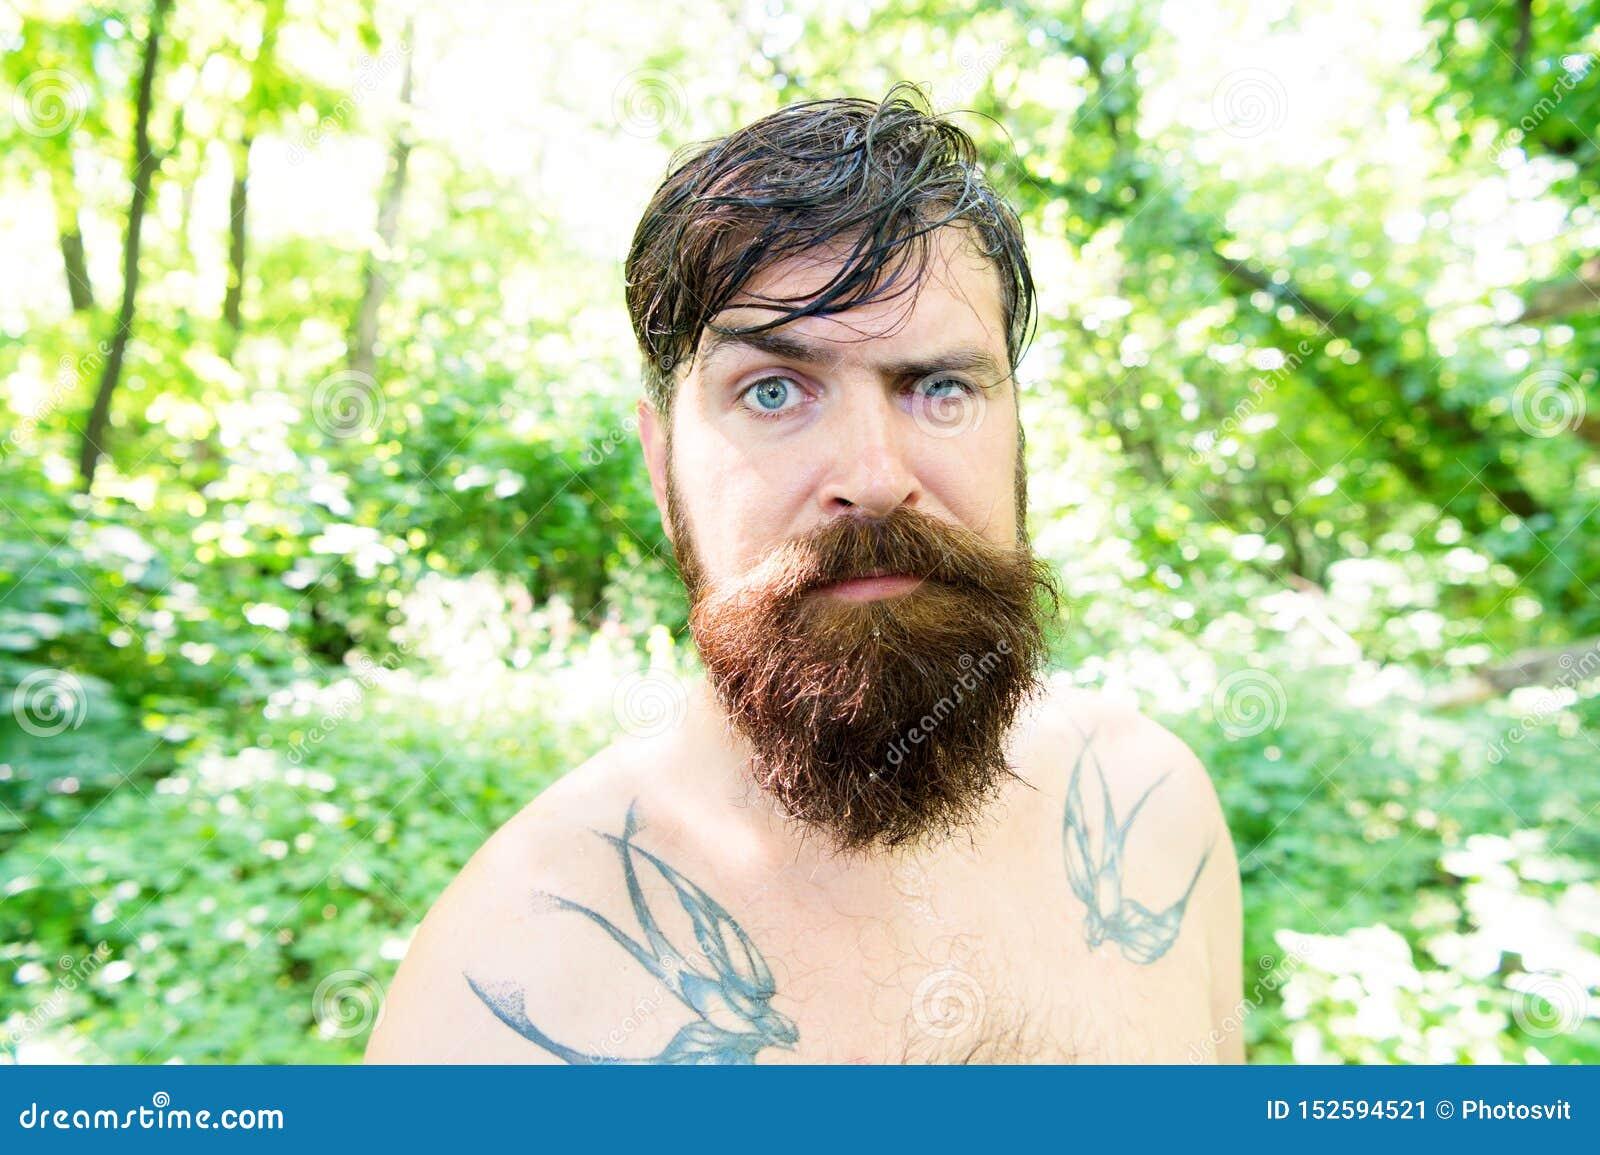 Зверский и изрезанный Волосатый хипстер нося длинные бороду и усик в зверском стиле Бородатый человек со зверским взглядом на лет